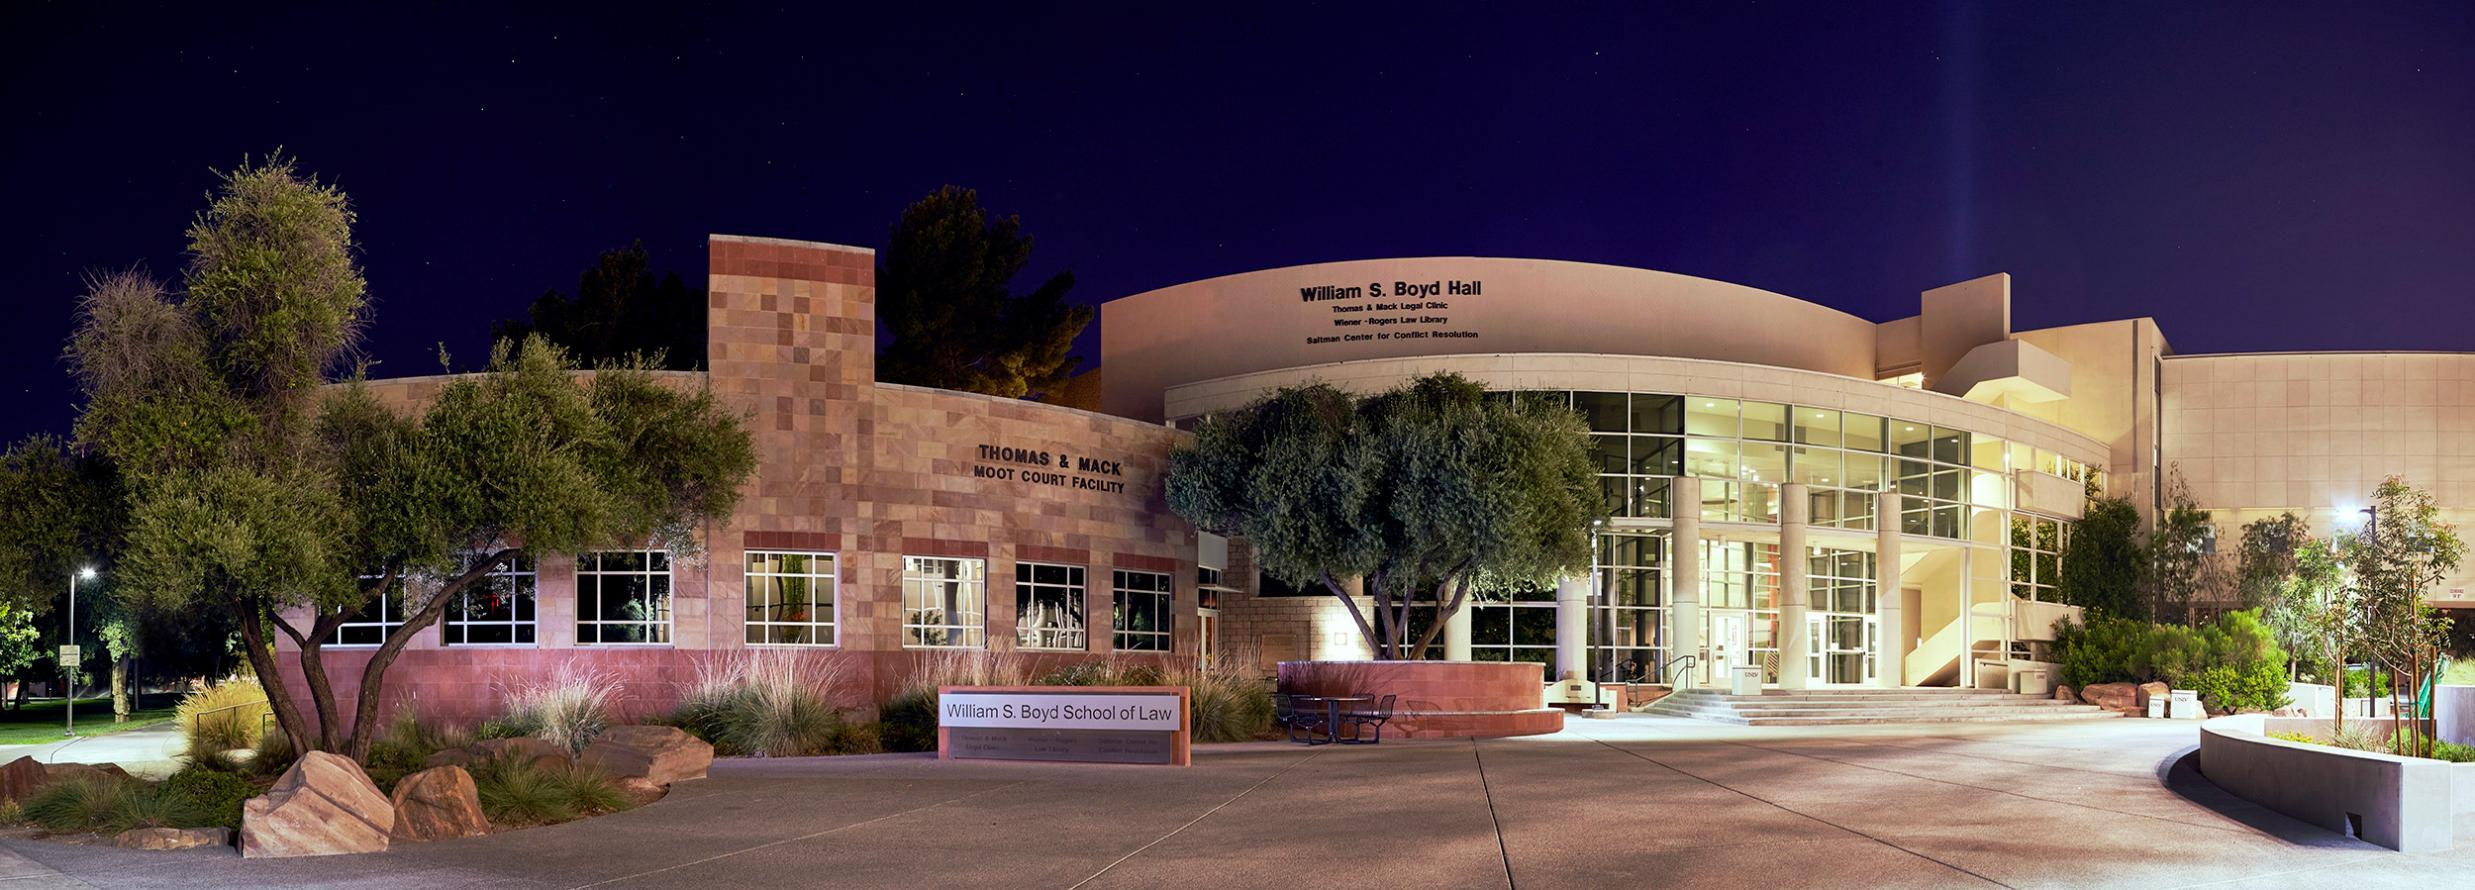 William S. Boyd School of Law